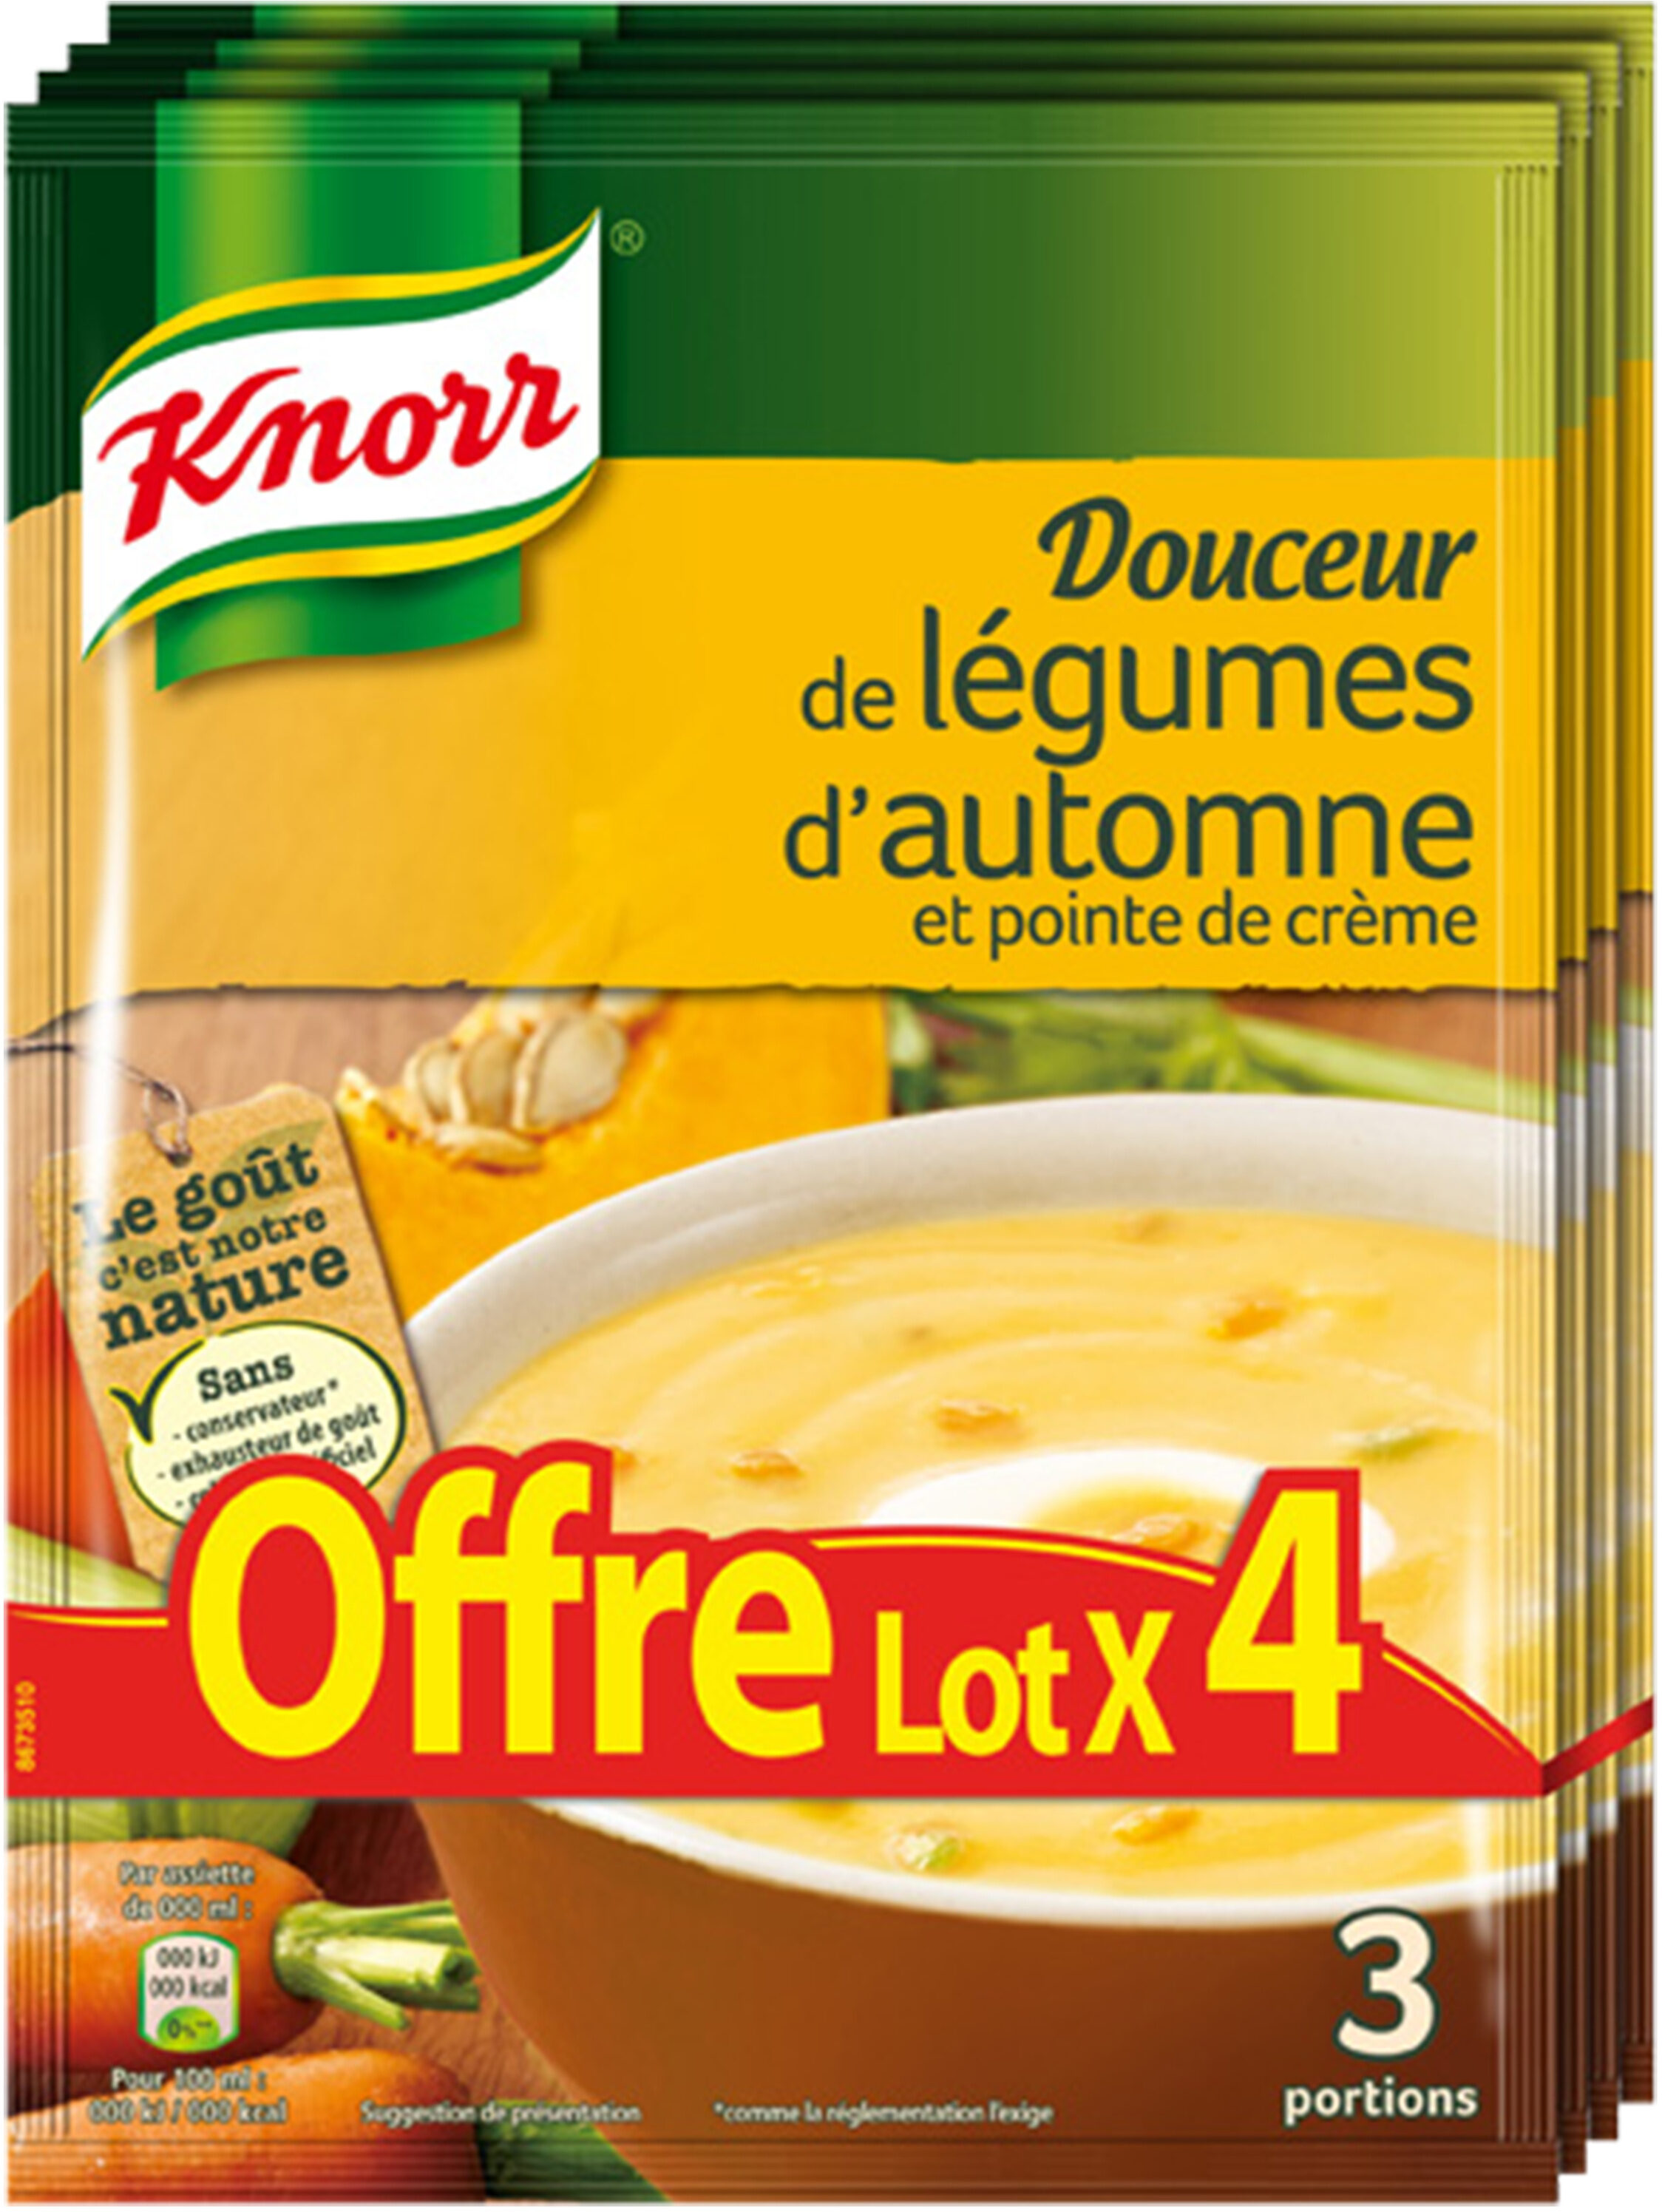 Knorr Douceur de légumes d'Automnes 83g lot de 4 - Product - fr